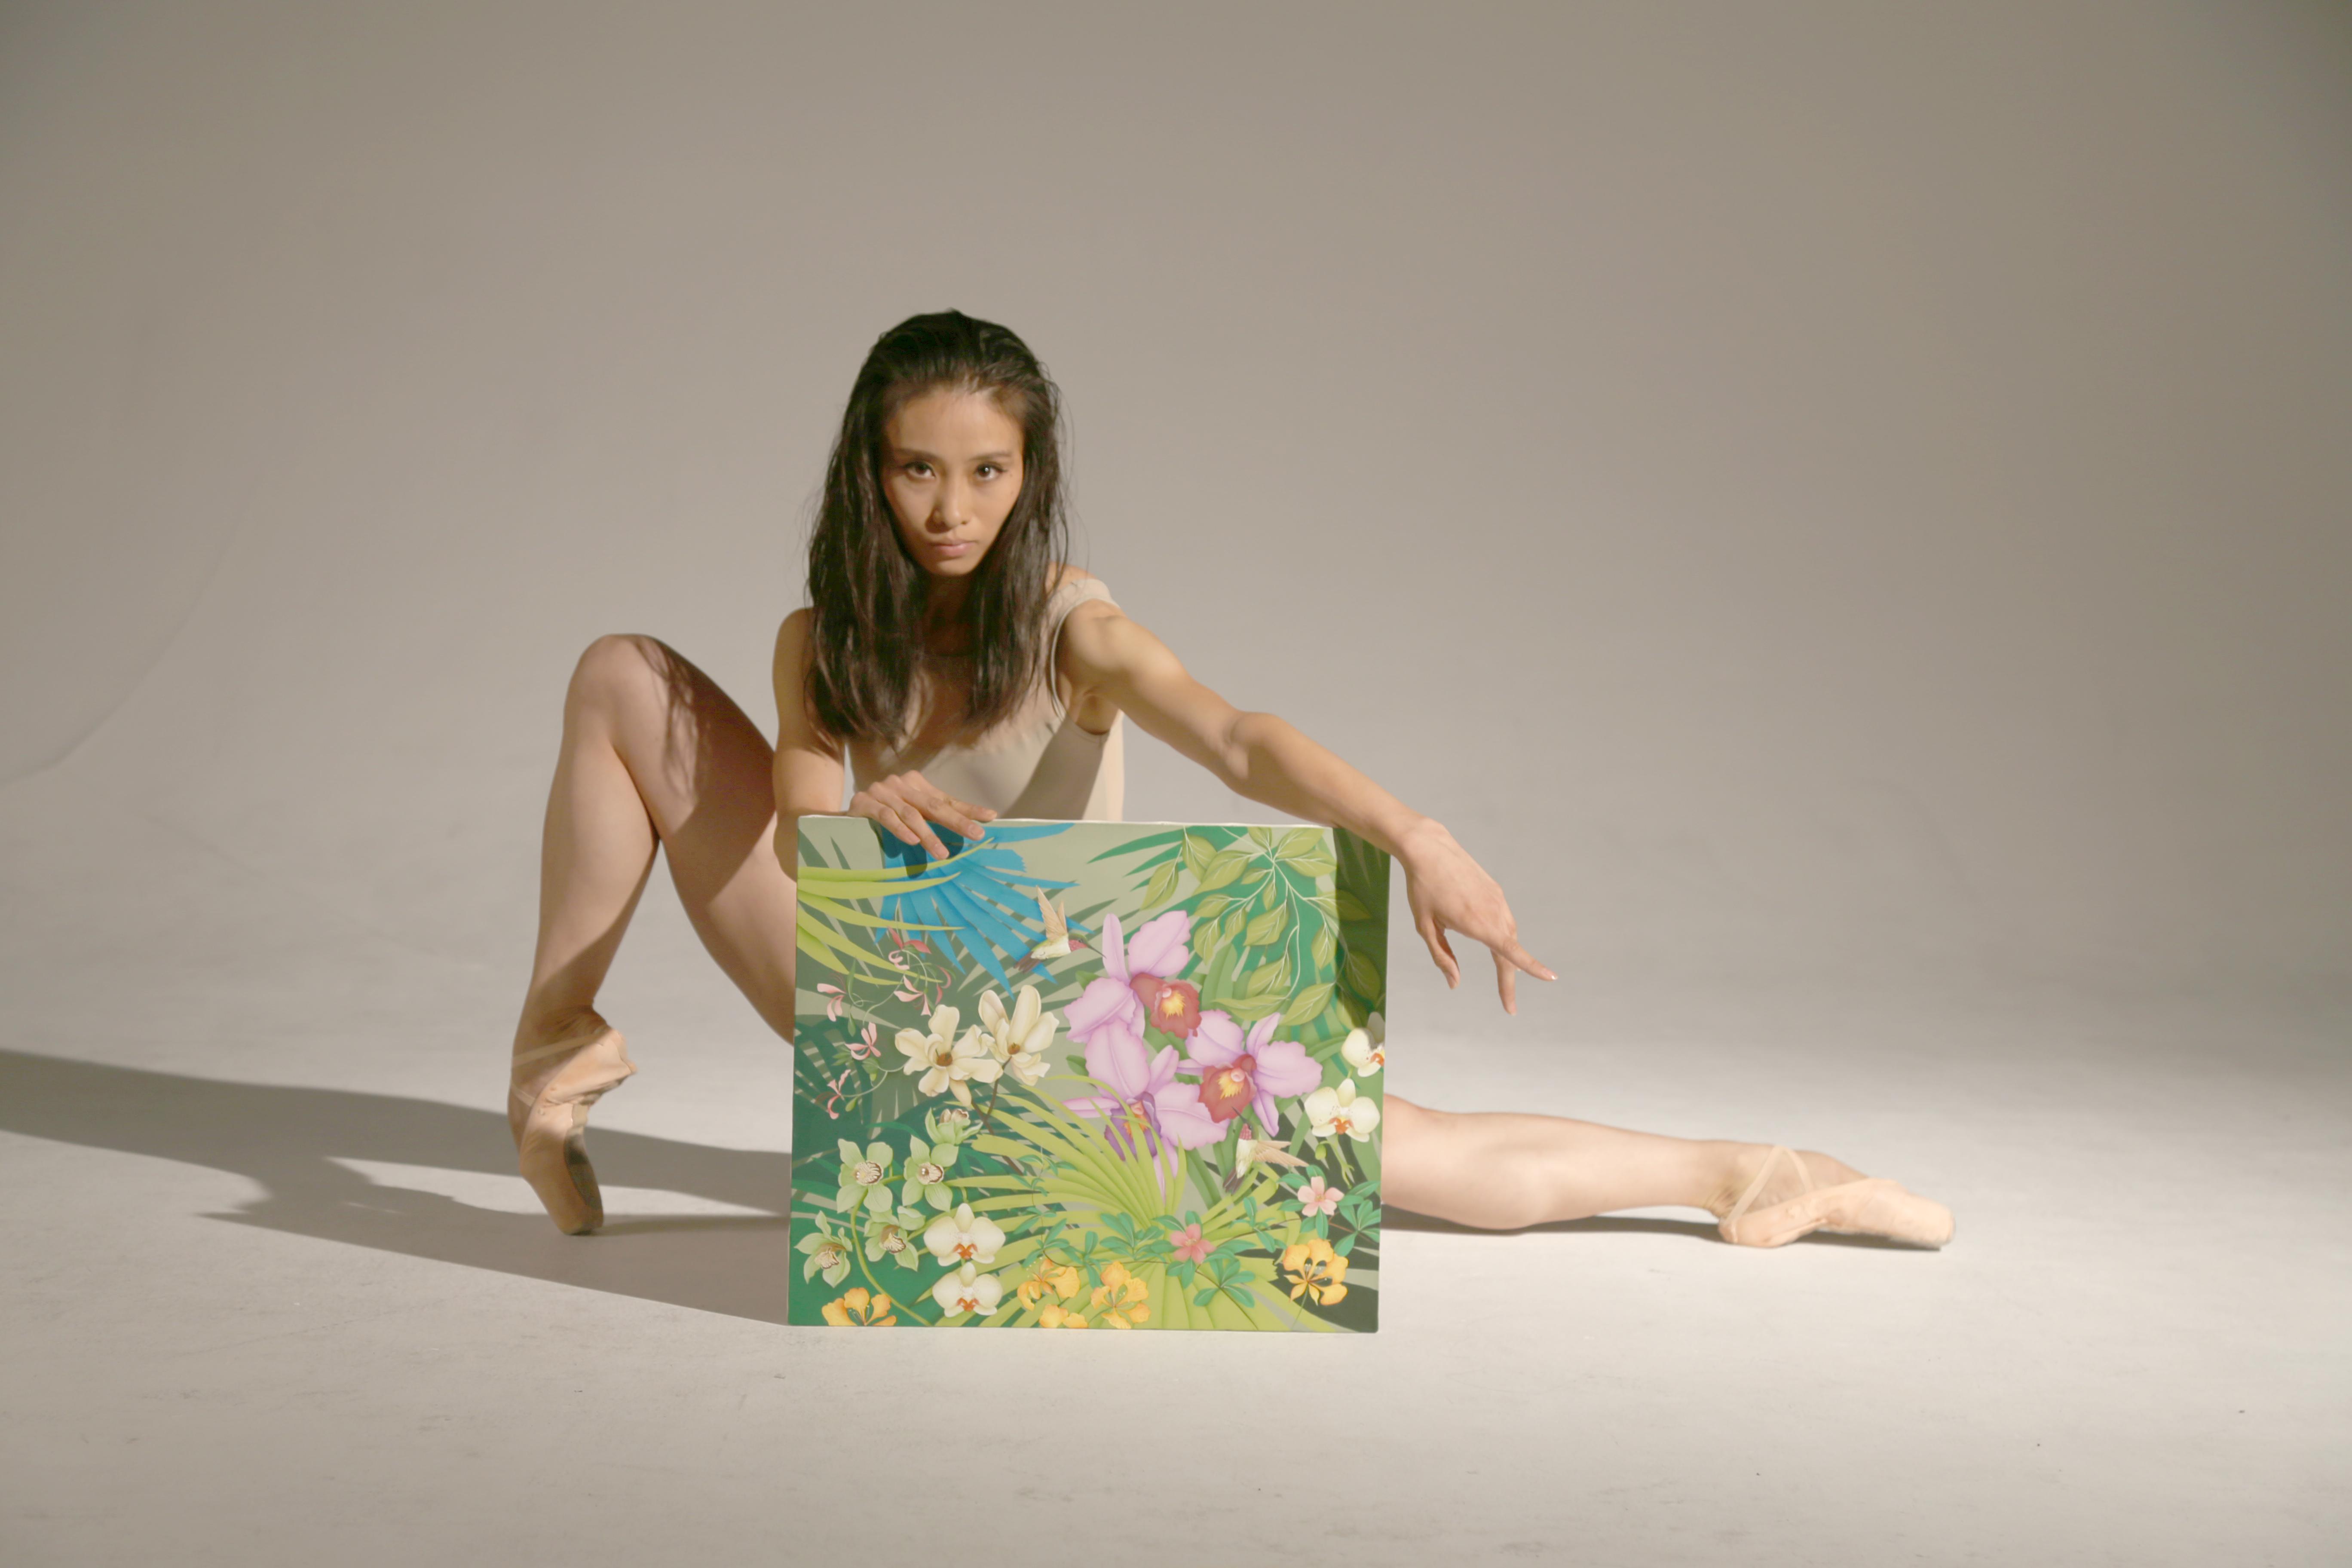 ~絵画の彩り、ガラスの輝き、ダンサーの躍動~